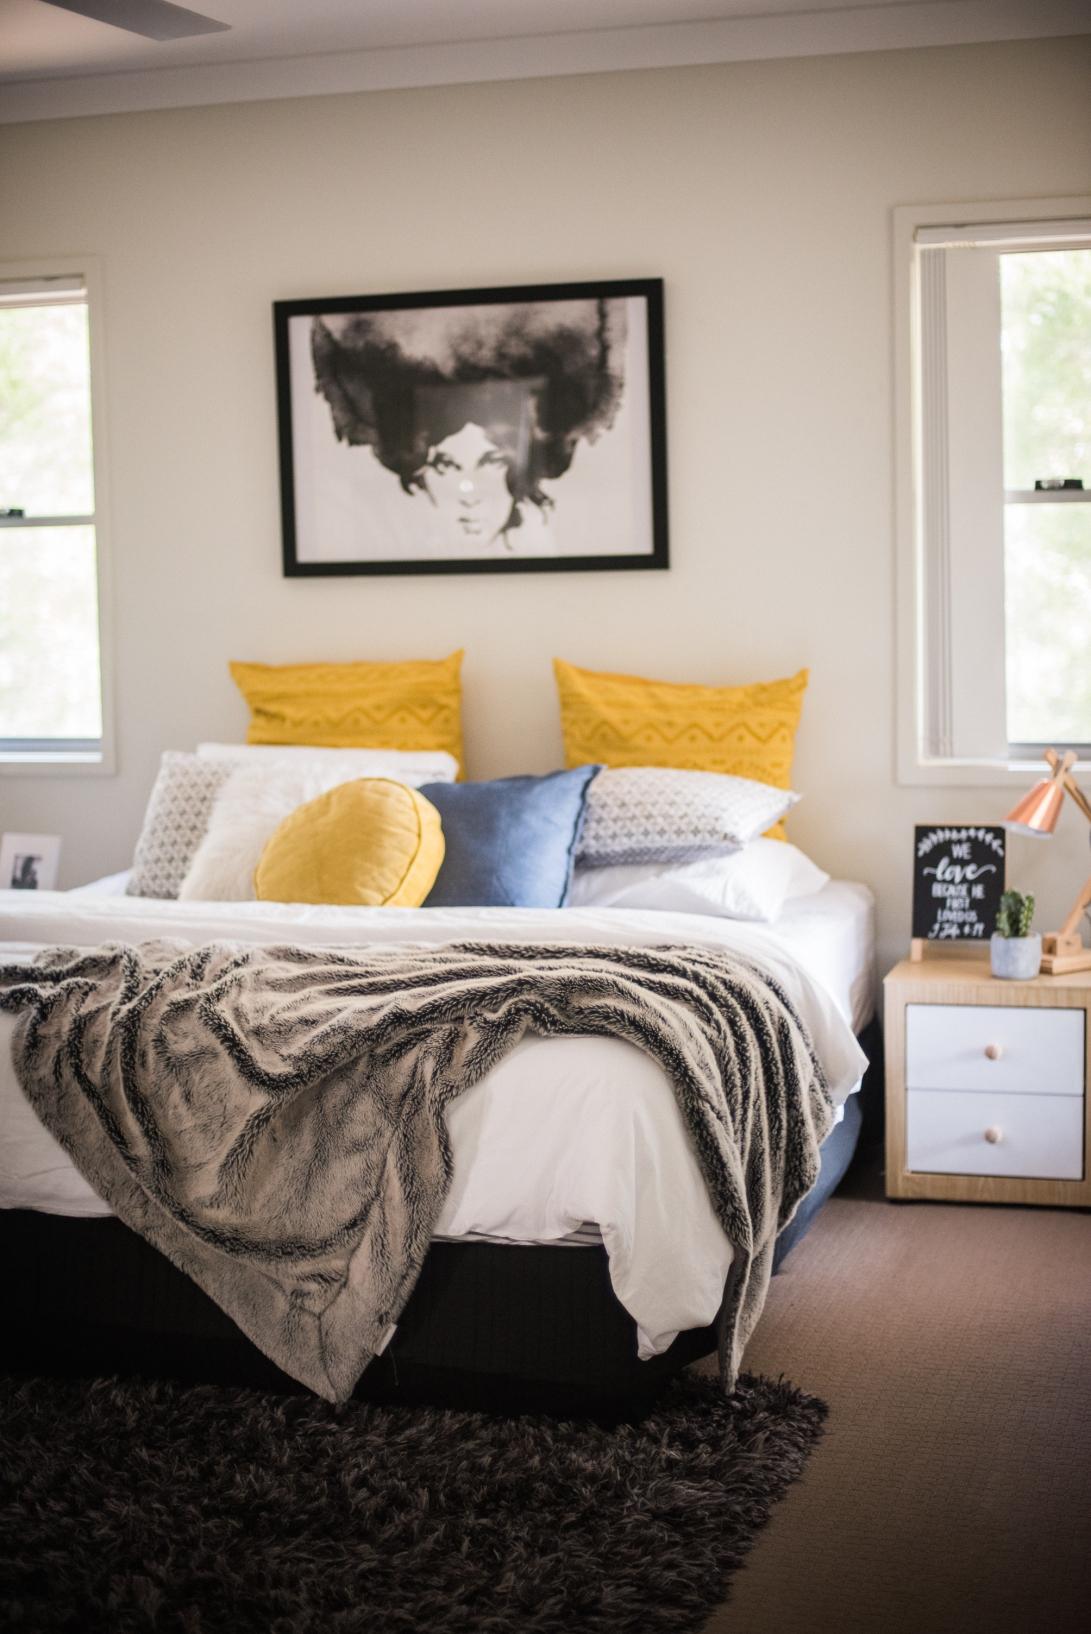 Sammy Boynton Designs -Home Decor Sept 2017-28